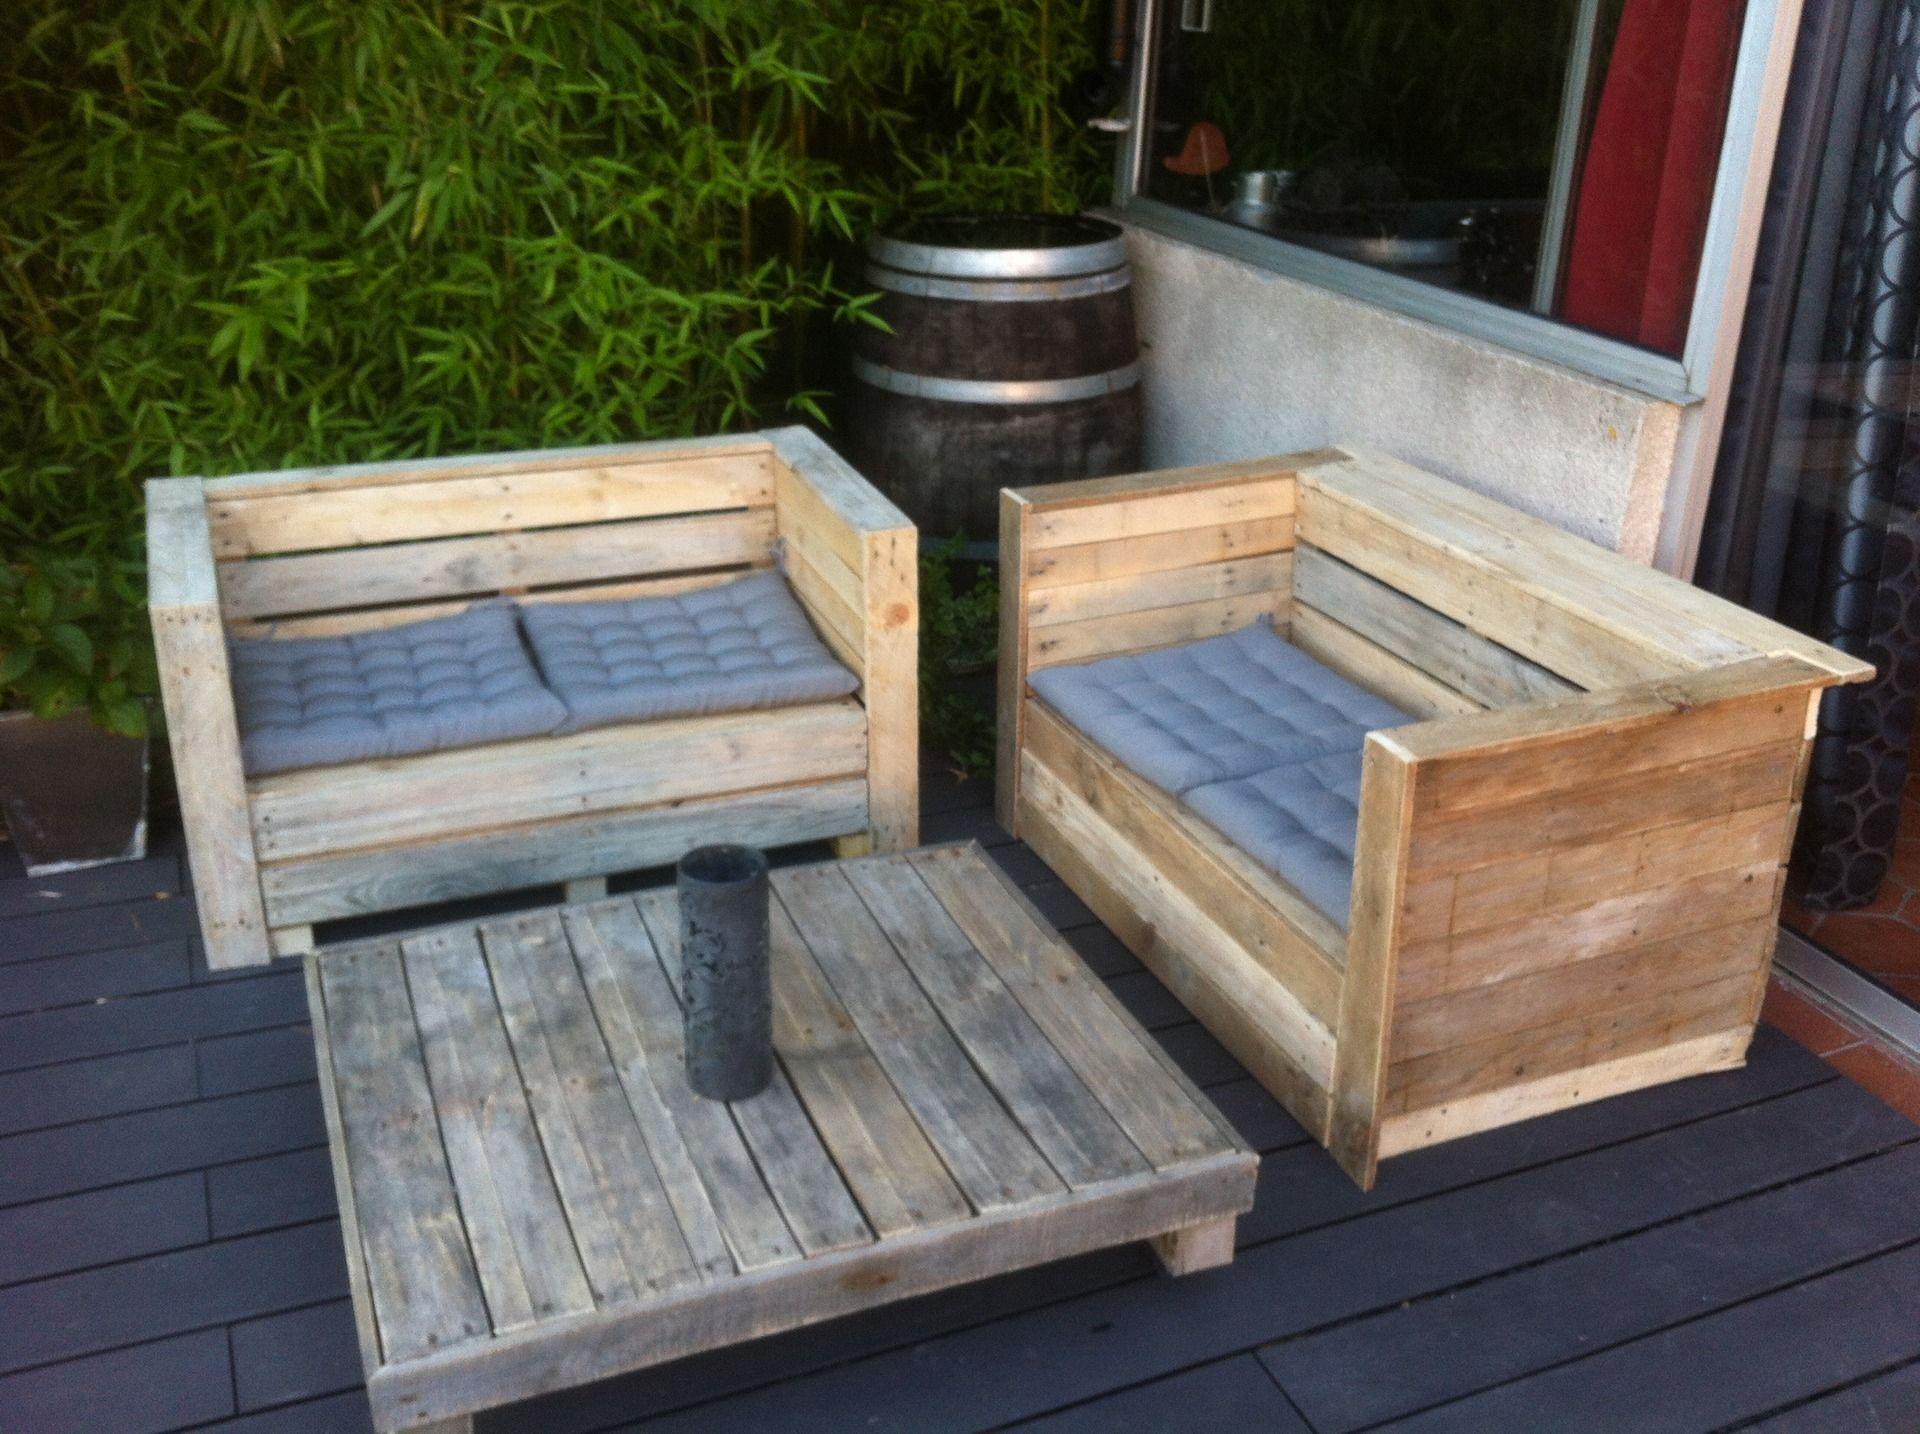 Canap et table bois de palette pour jardin ou interieur meubles et rangeme - Table de jardin palette ...